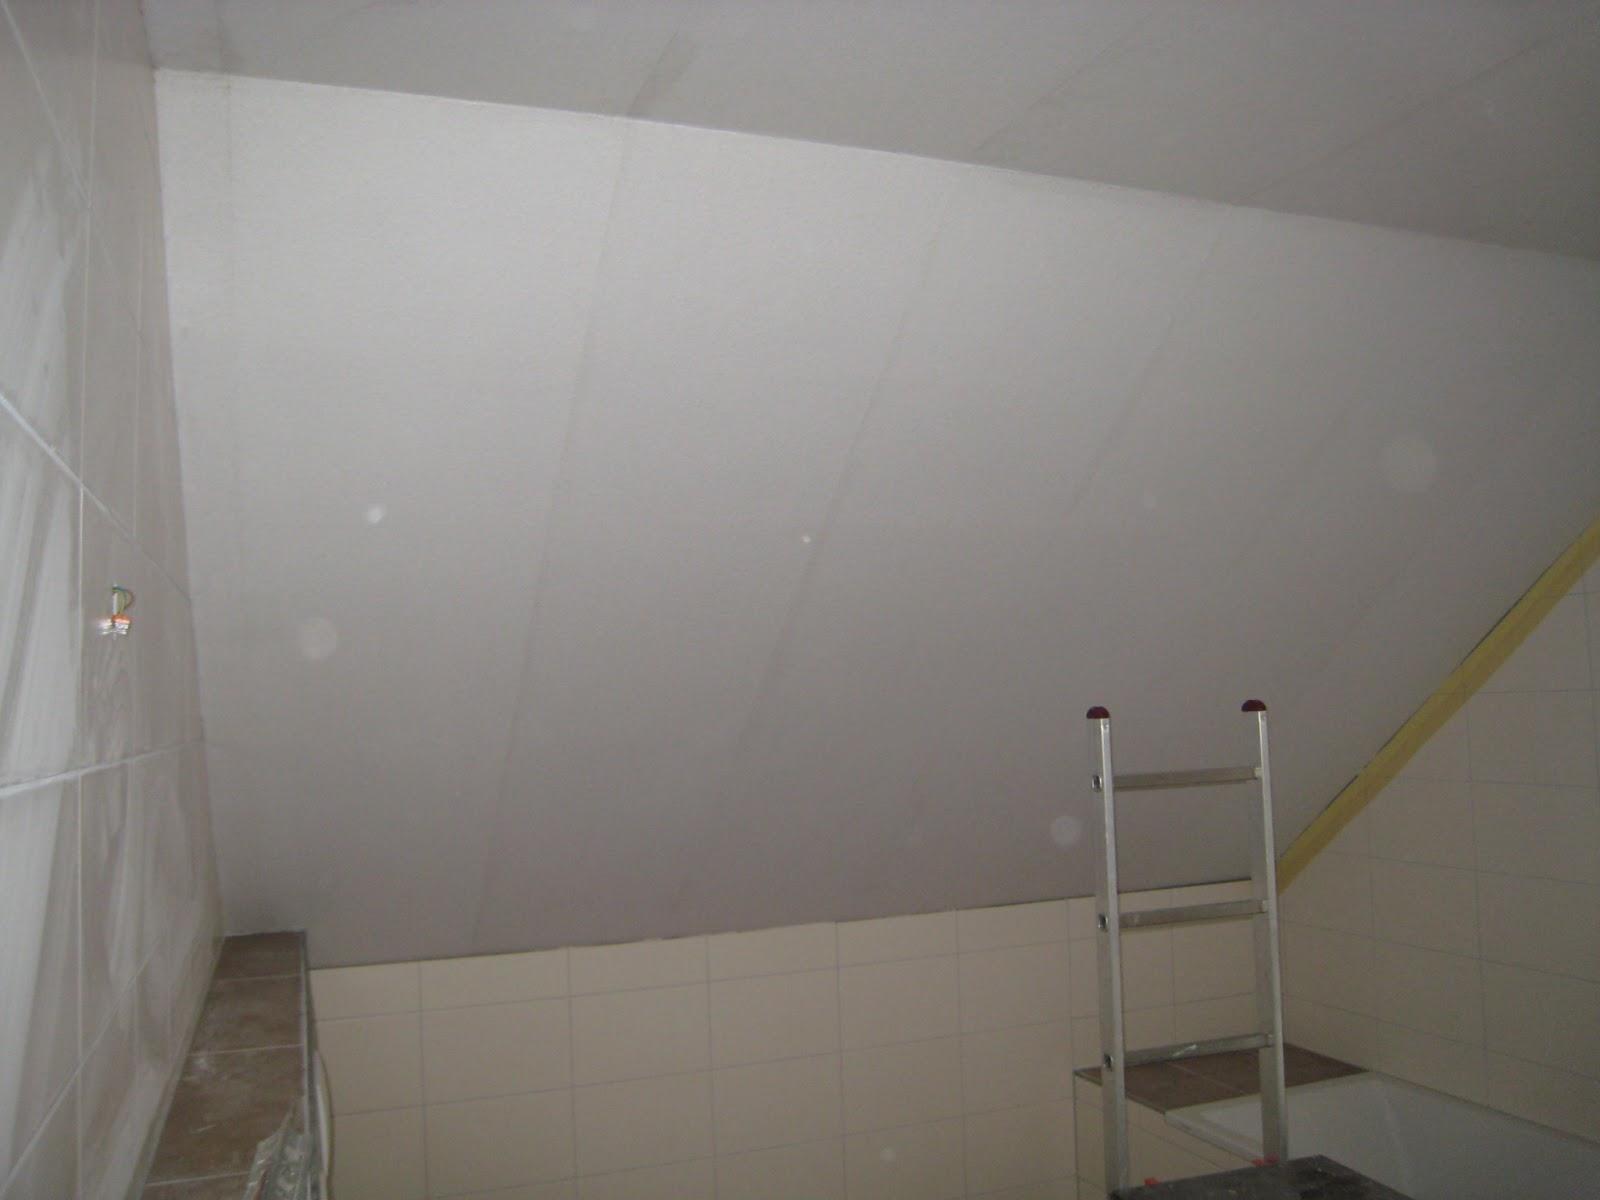 stein auf stein das haus wird bald fertig sein decke im wohnzimmer ist angelegt. Black Bedroom Furniture Sets. Home Design Ideas